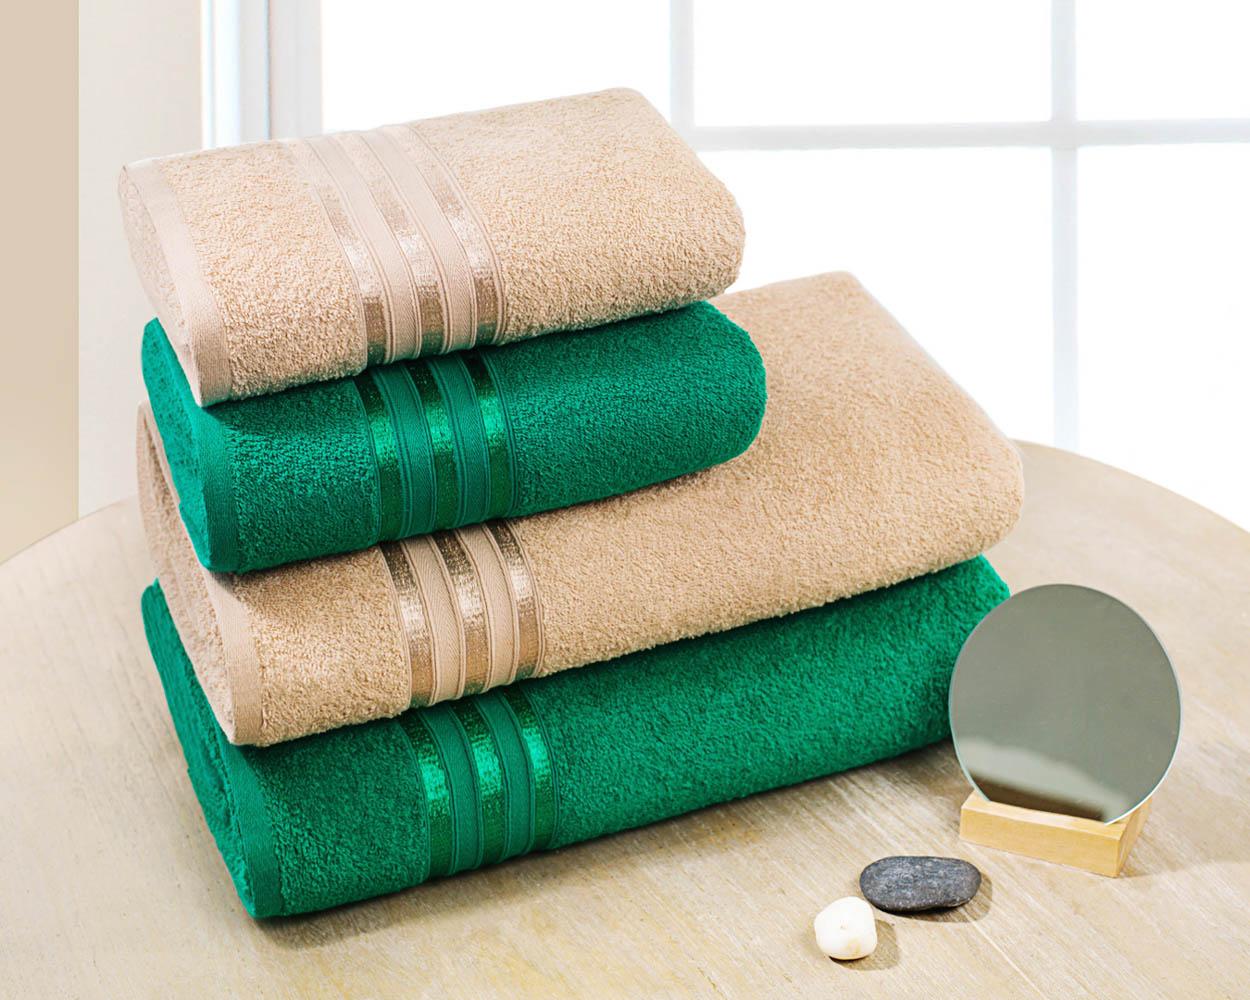 Полотенца Dome Набор из 4 полотенец Harmonika Цвет: Бежевый/Изумрудный полотенца кухонные la pastel набор полотенец 4 предмета из микрофибры 30х30